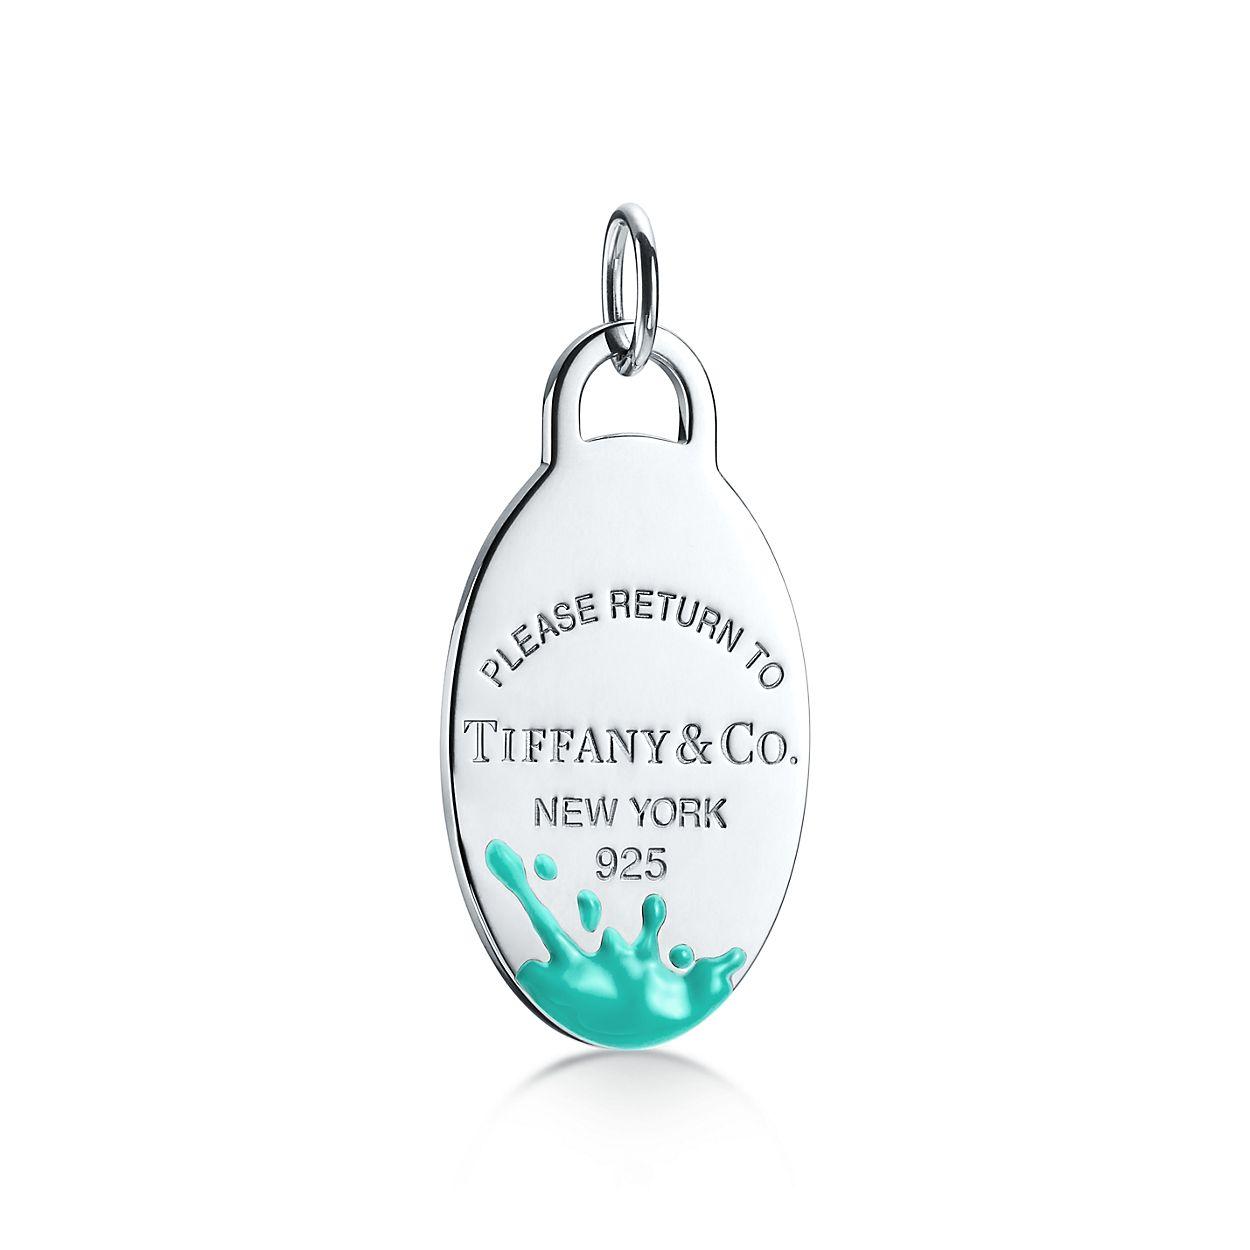 Retour À La Couleur Tiffany Éclaboussures Pendentif En Argent Sterling, Grande Tiffany & Co.